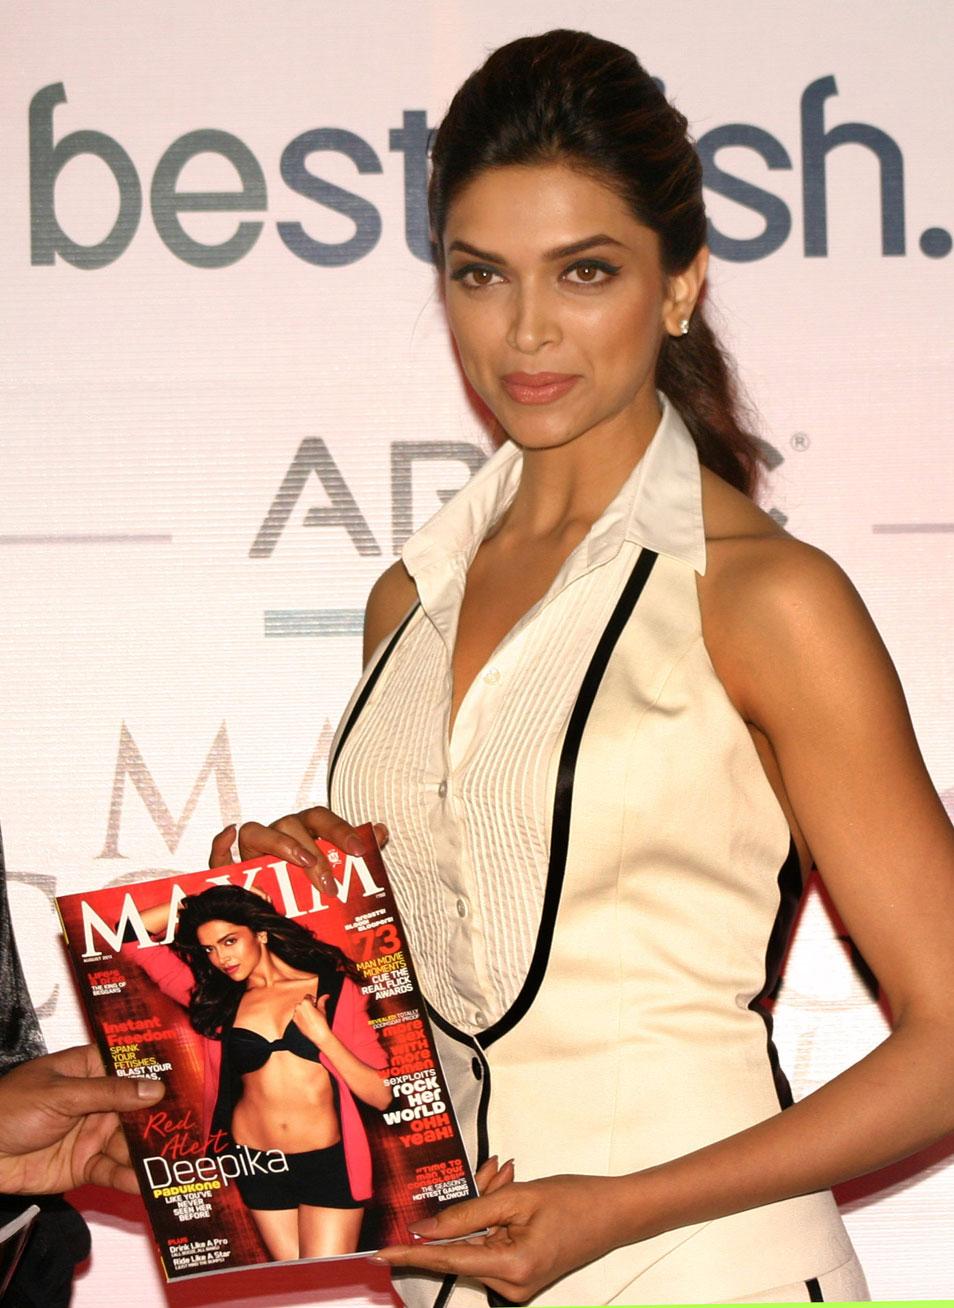 Deepika Padukone With Maxim Magazine Issue Photo